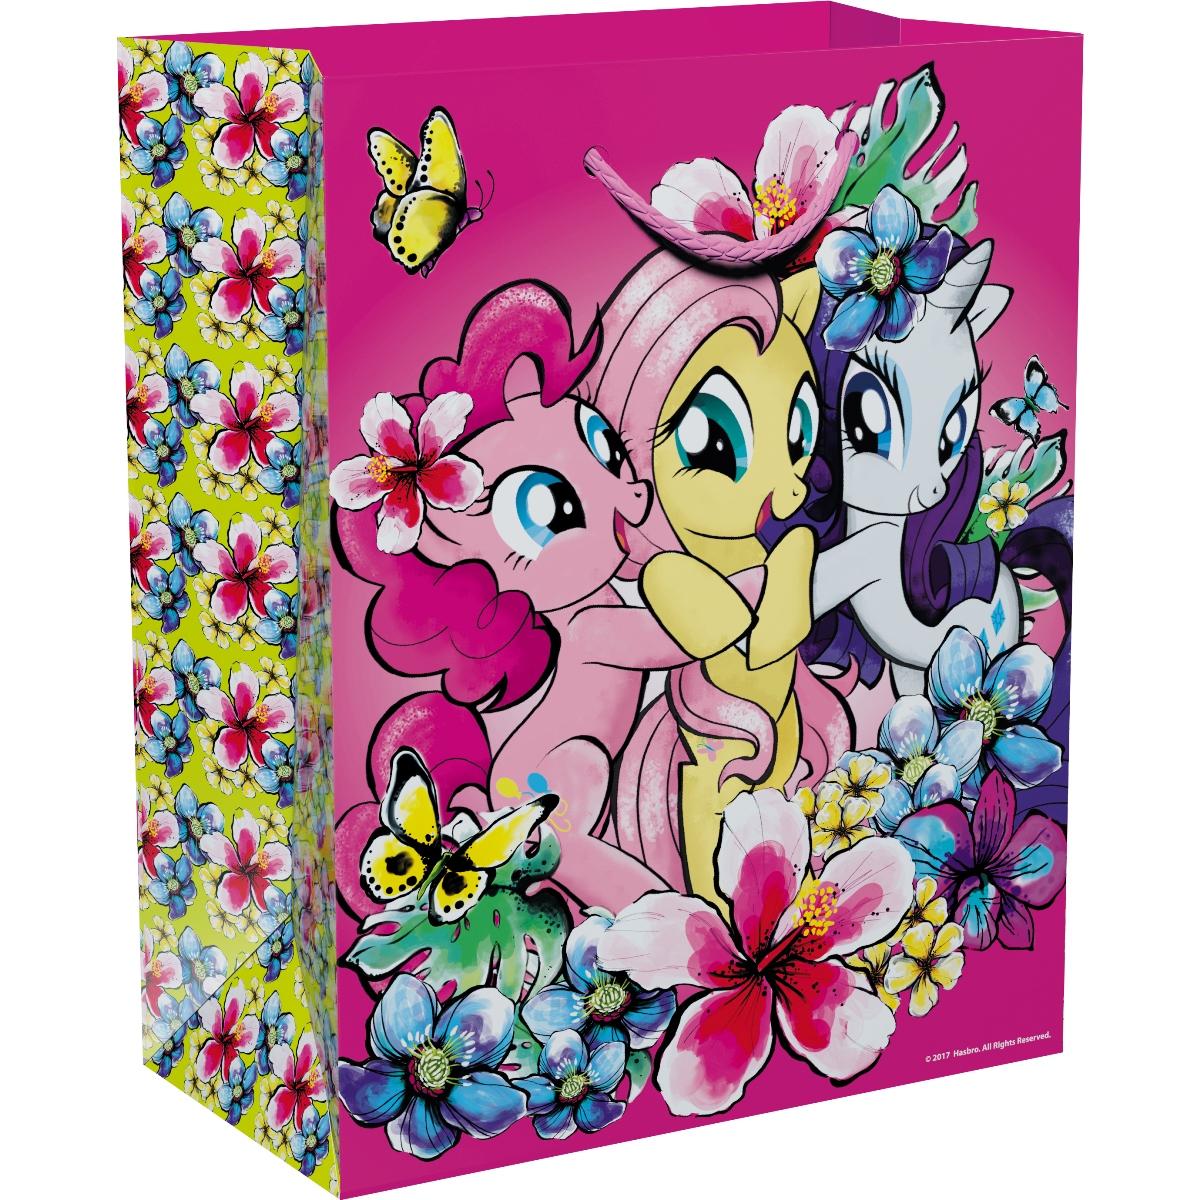 Мой маленький пони Пакет подарочный 23 х 18 х 10 см -  Подарочная упаковка